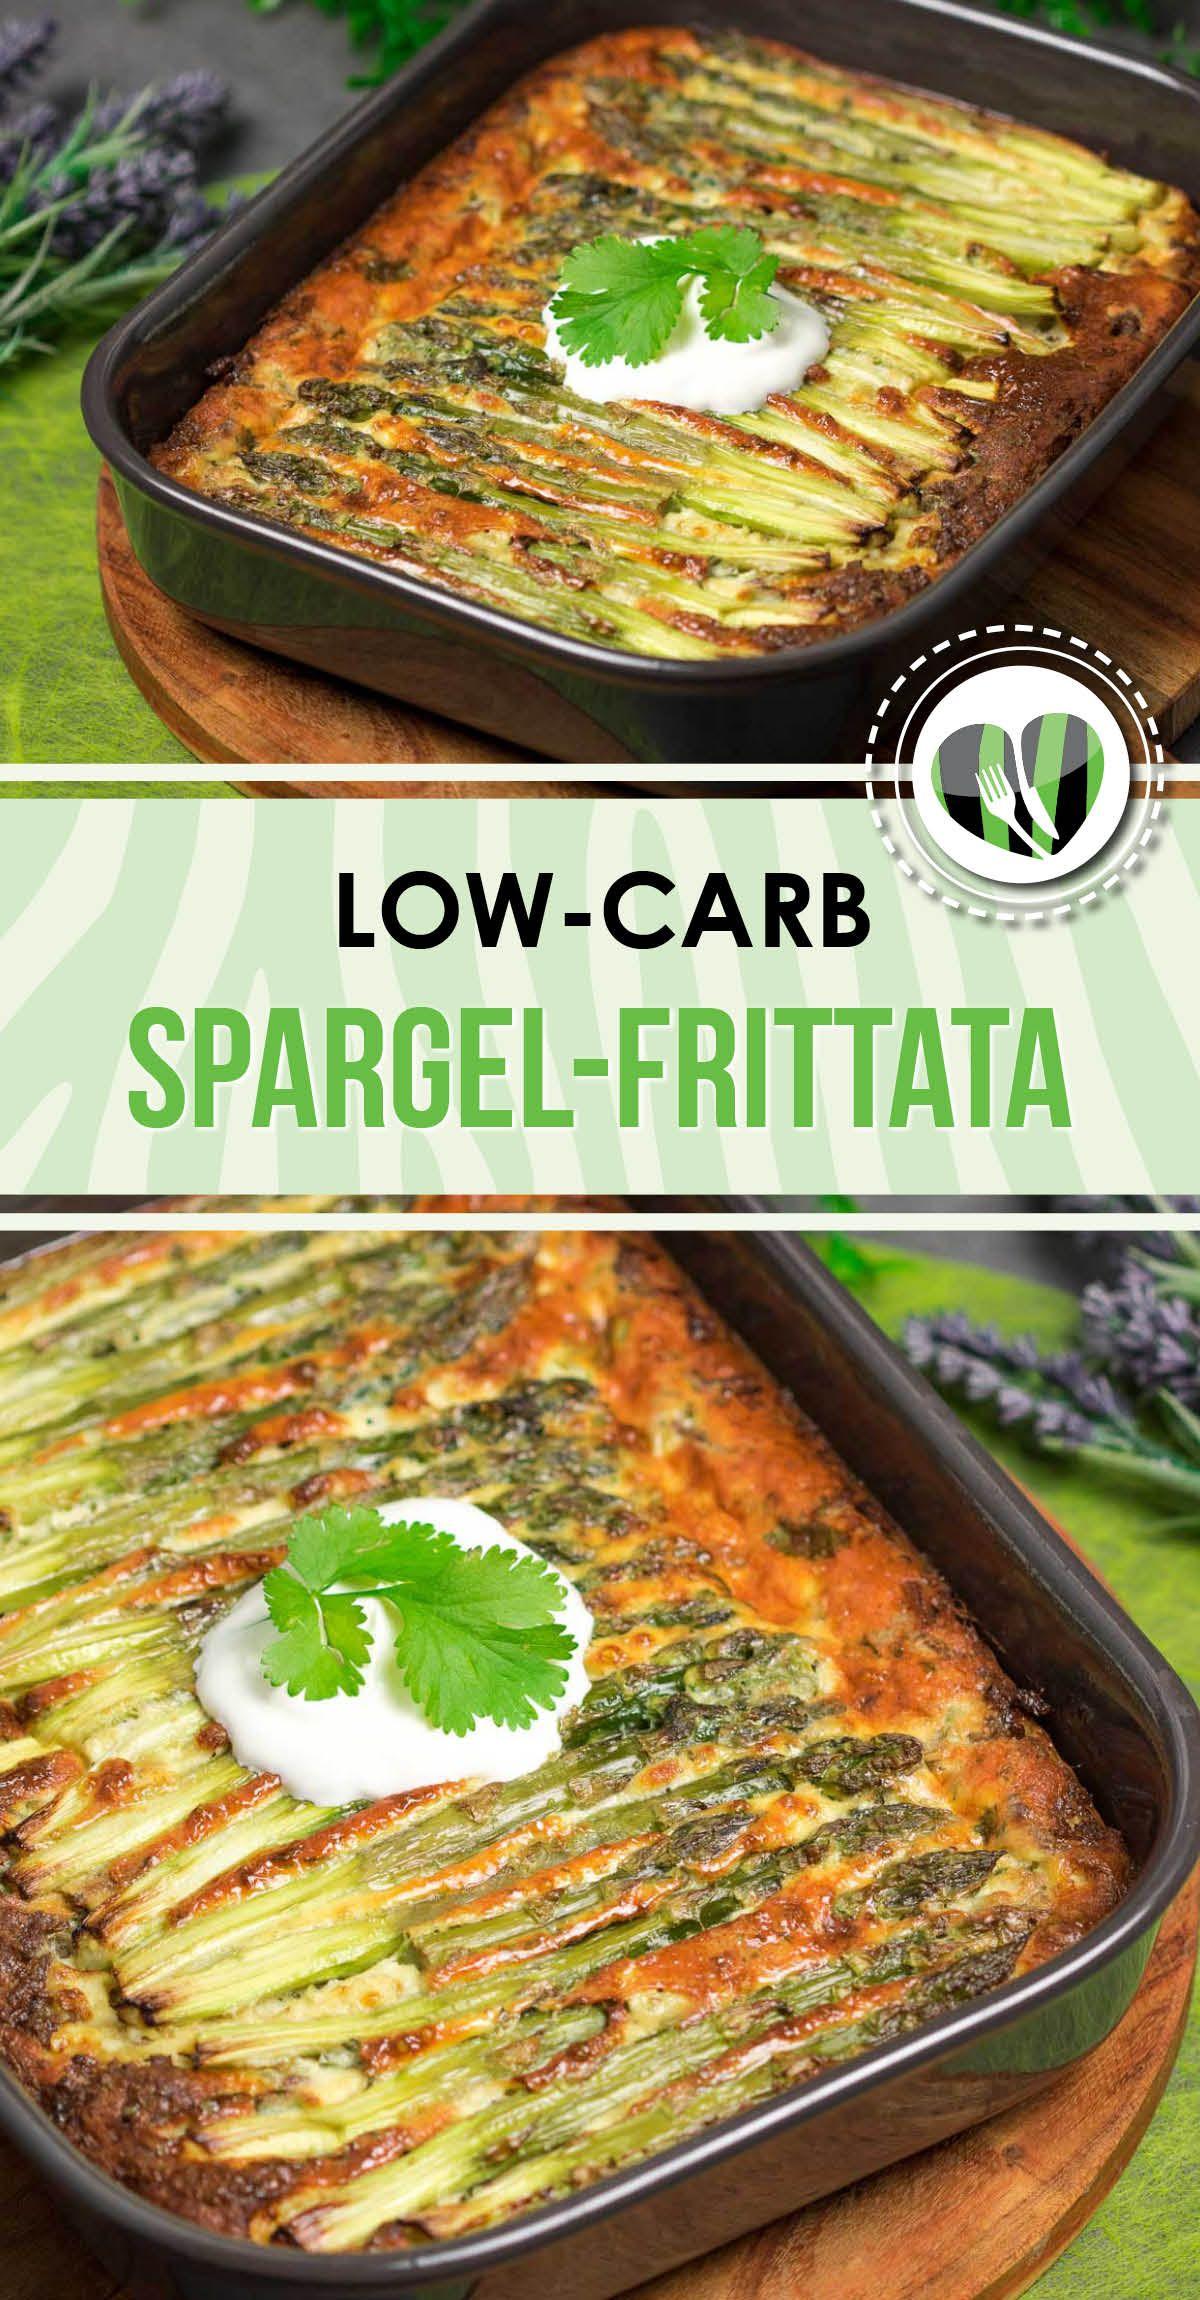 Die Spargel-Frittata mit Hackfleisch ist lecker und Low Carb. Zudem ist das Rezept auch noch glutenfrei und einfach zu machen.